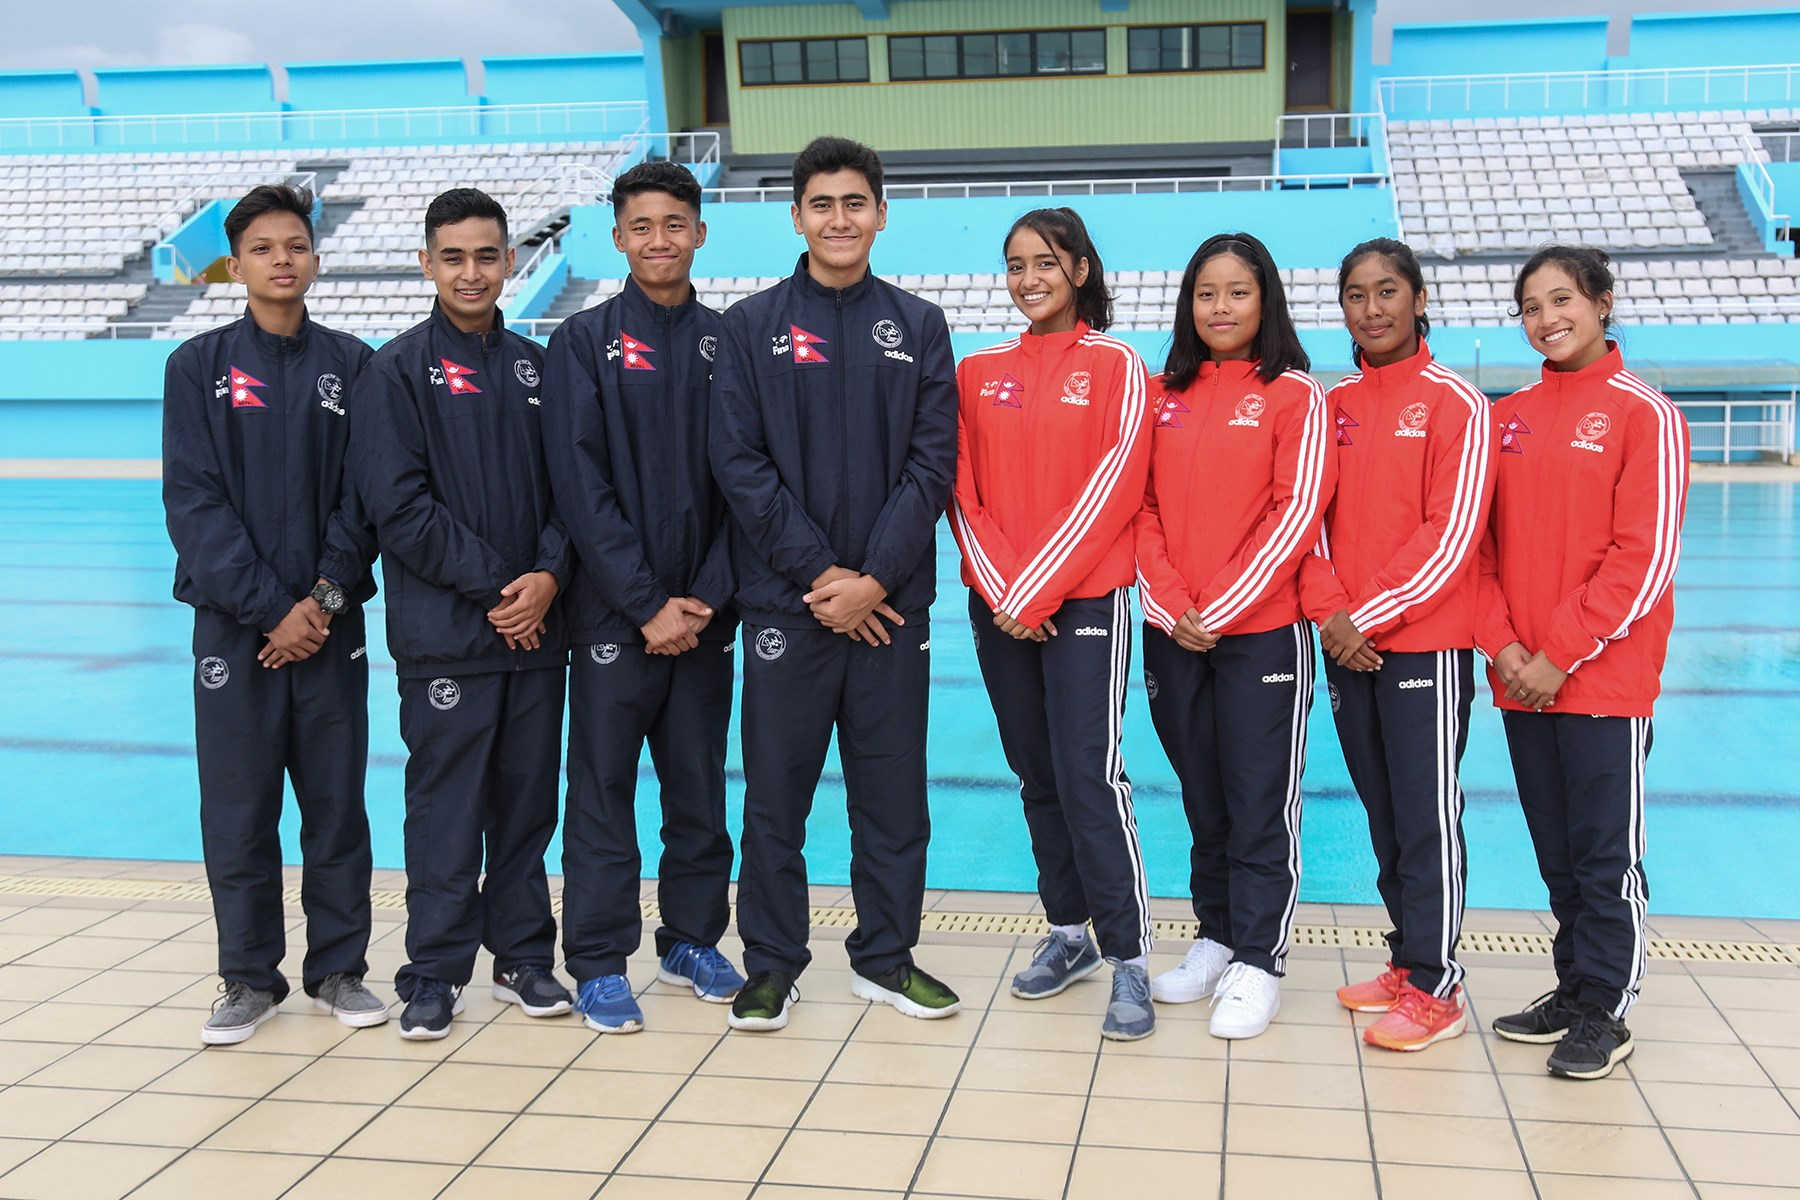 विश्व जुनियर पौडी प्रतियोगितामा दुई नेपाली खेलाडीद्धारा राष्ट्रिय कीर्तिमान